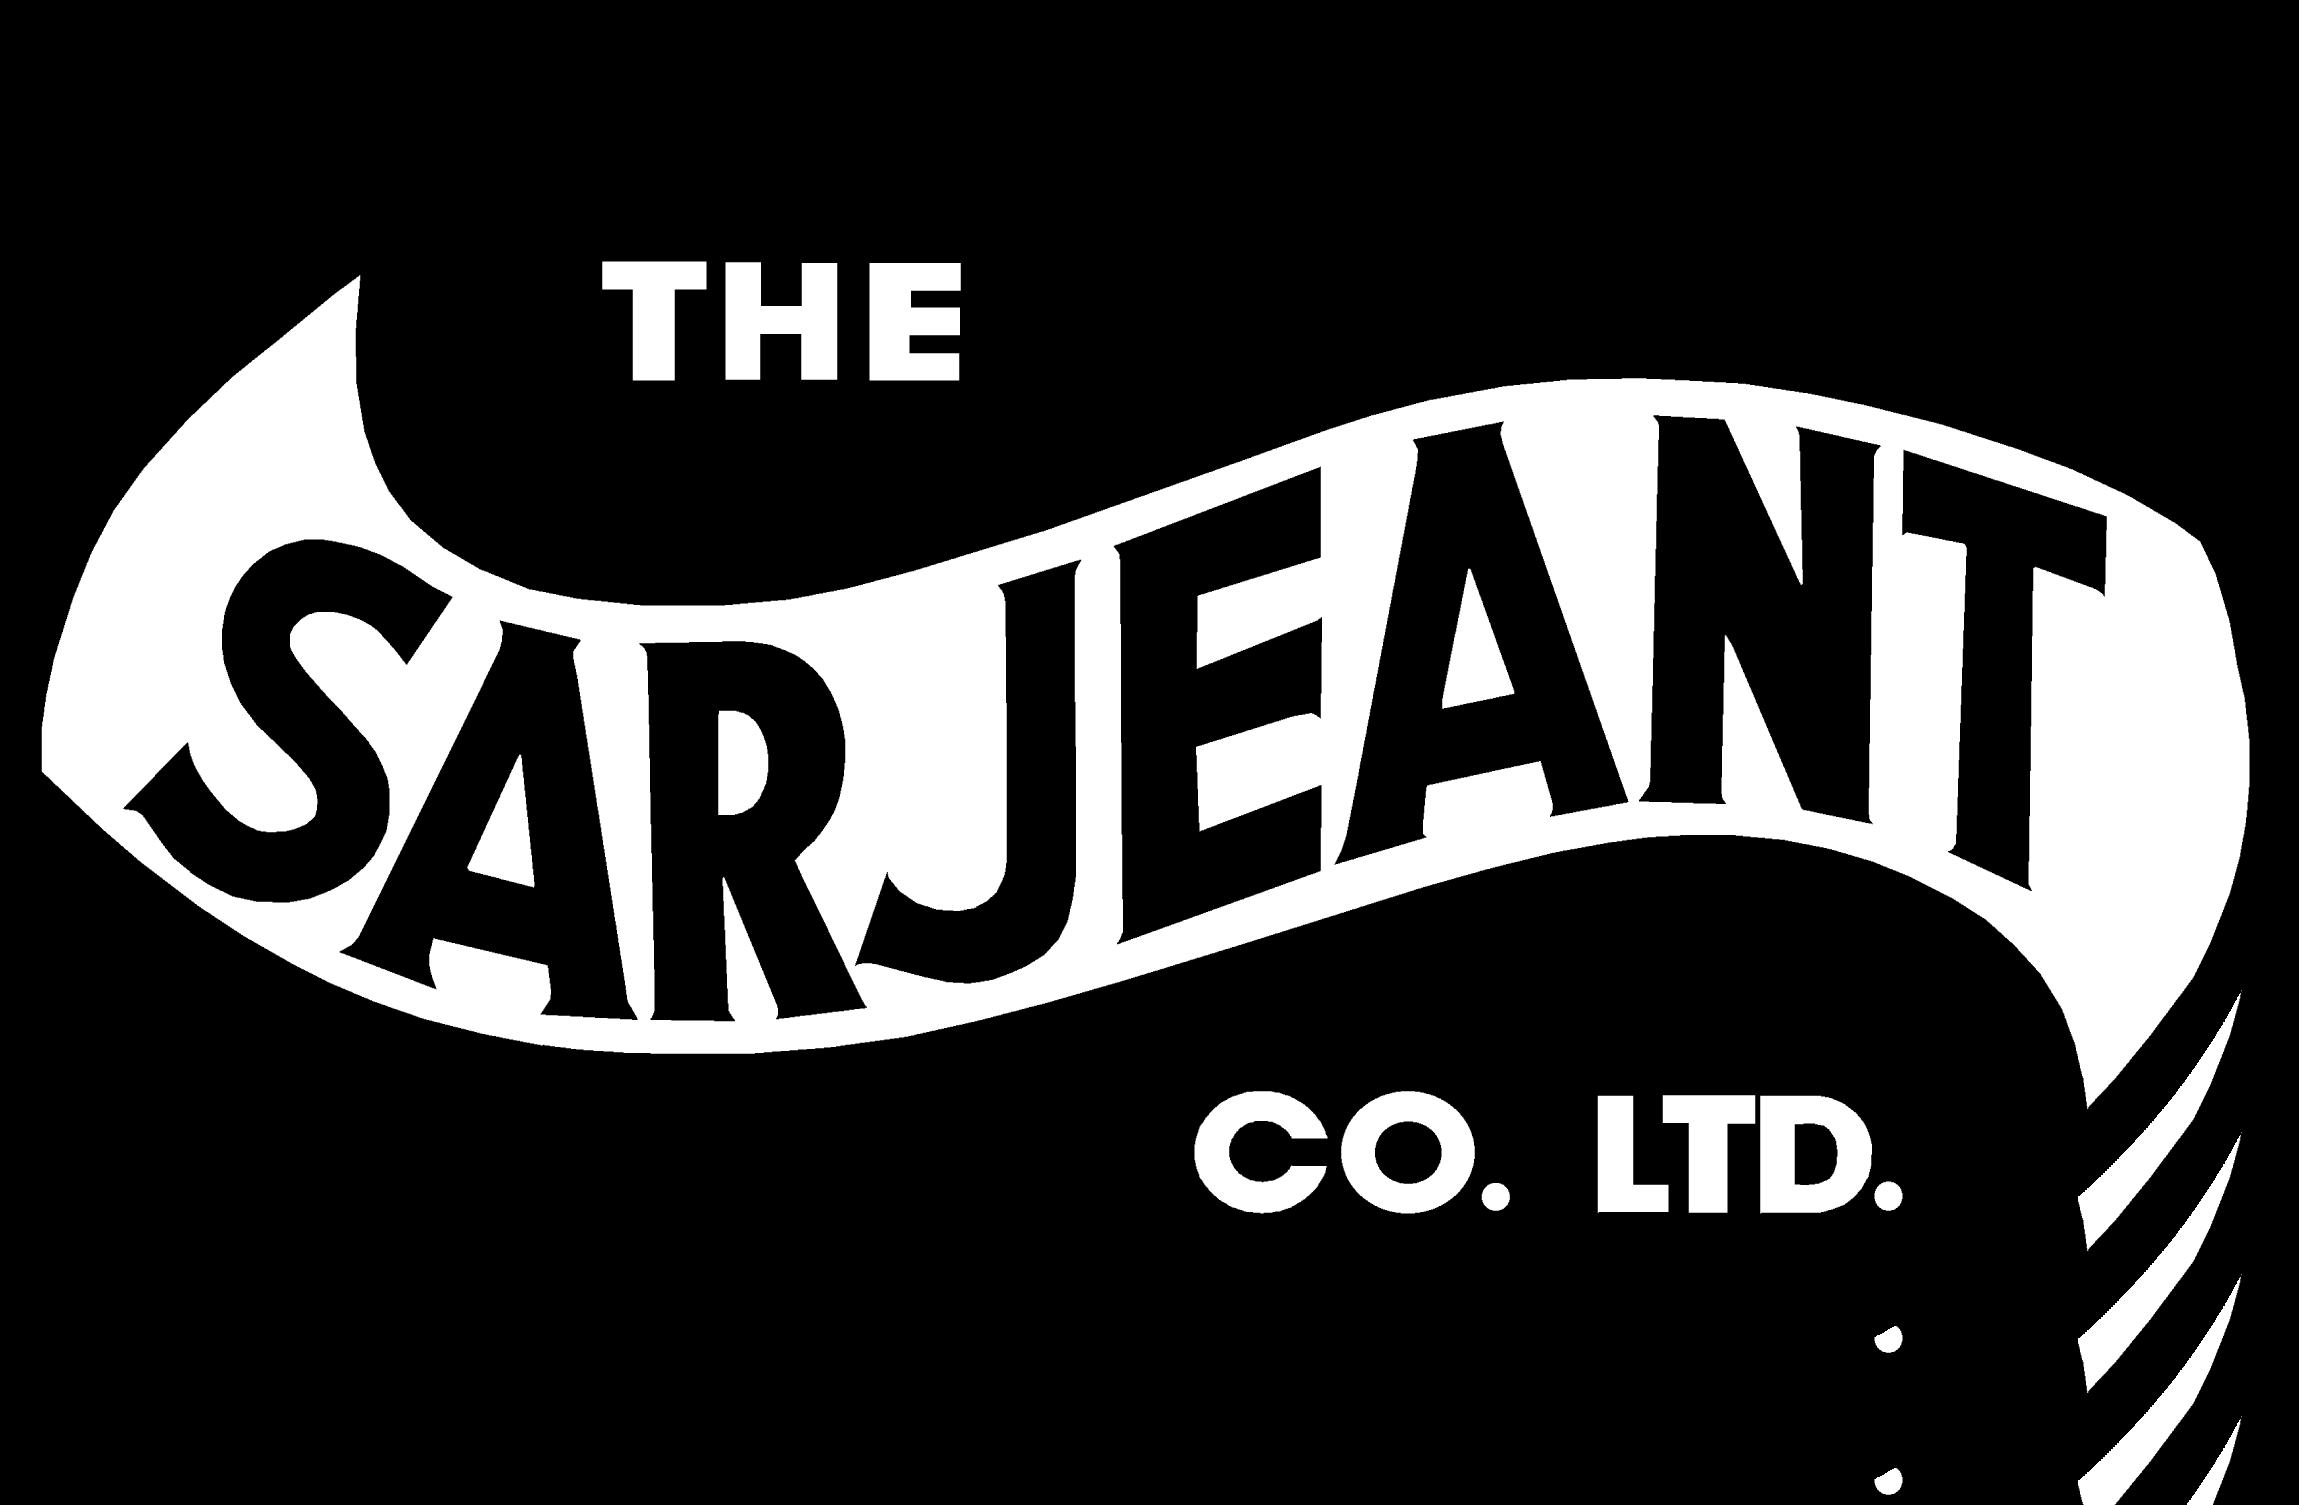 The Sarjeant Company logo